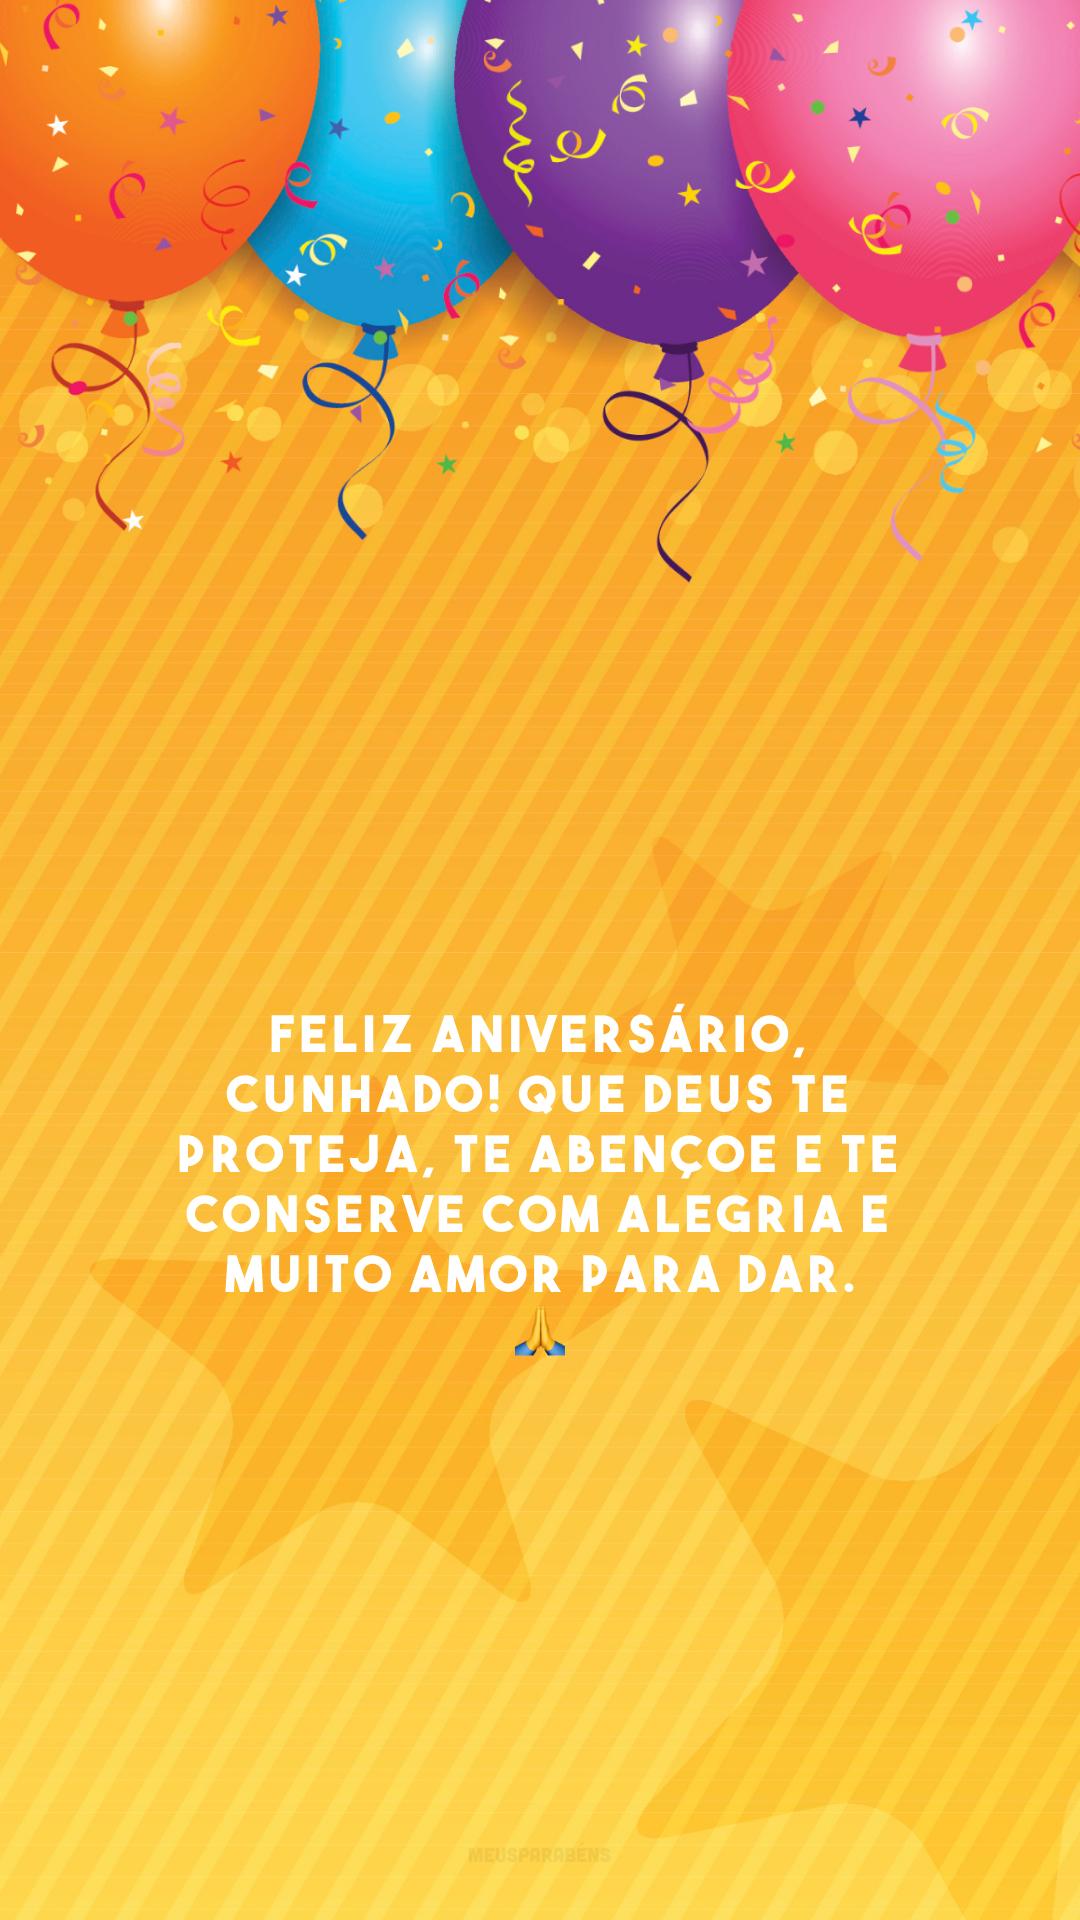 Feliz aniversário, cunhado! Que Deus te proteja, te abençoe e te conserve com alegria e muito amor para dar. 🙏